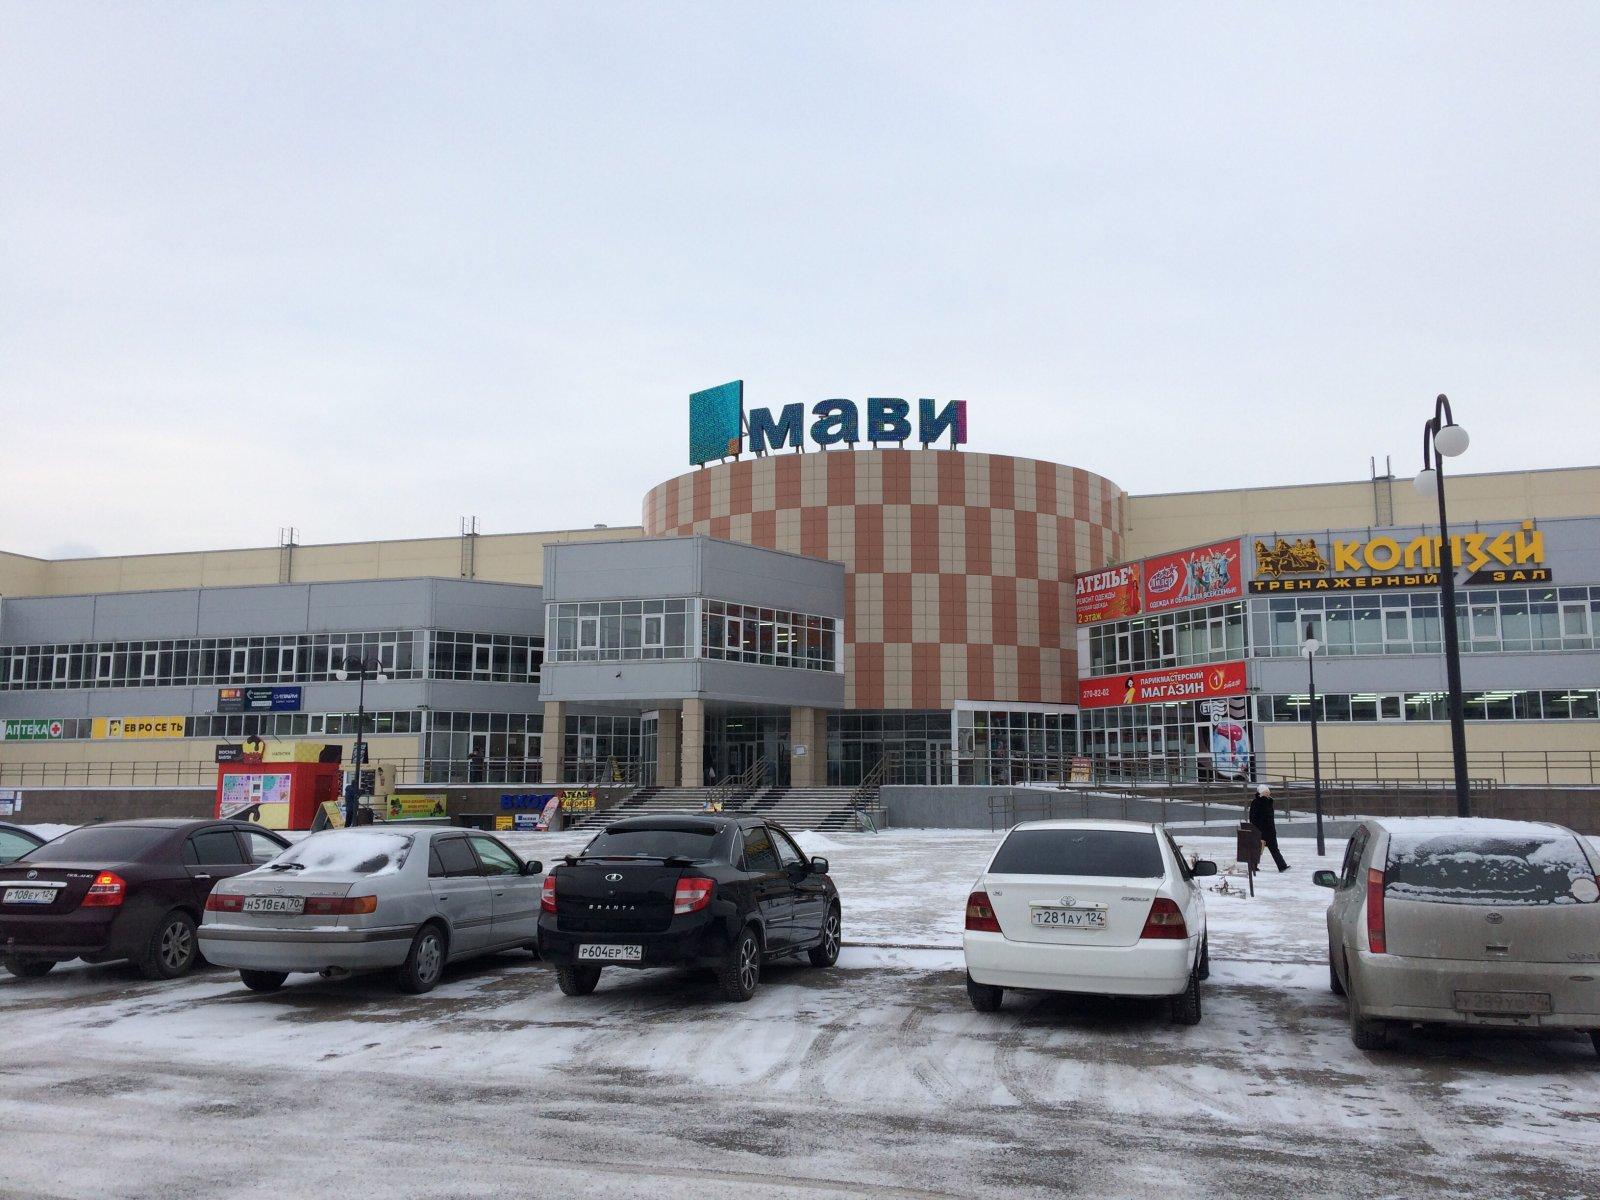 Магазин На Щорса Красноярск Одежды